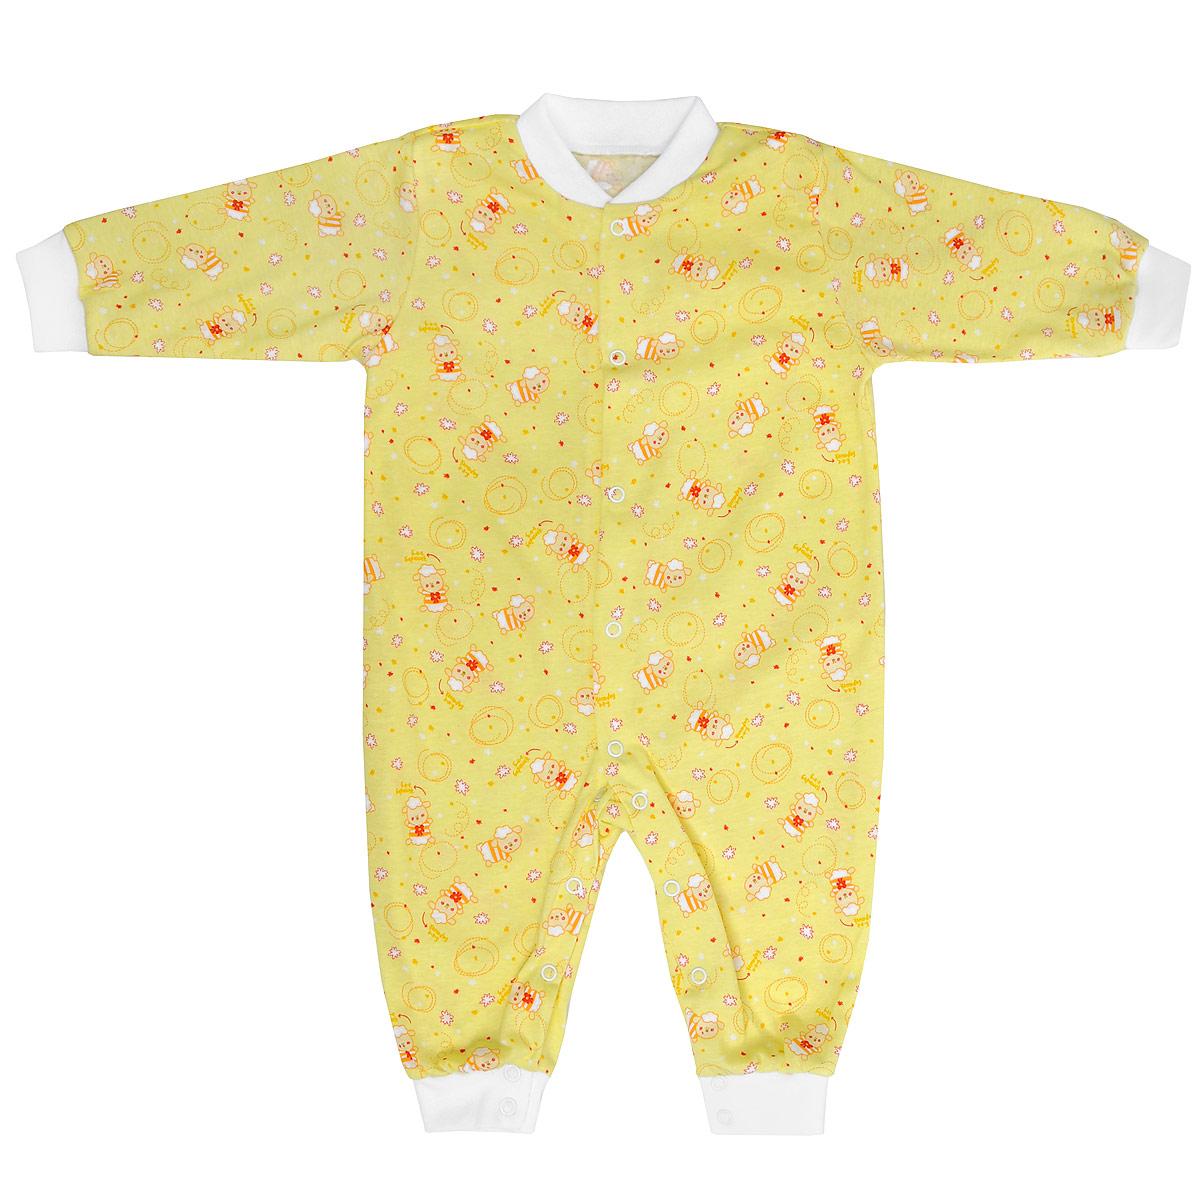 детская одежда лайф